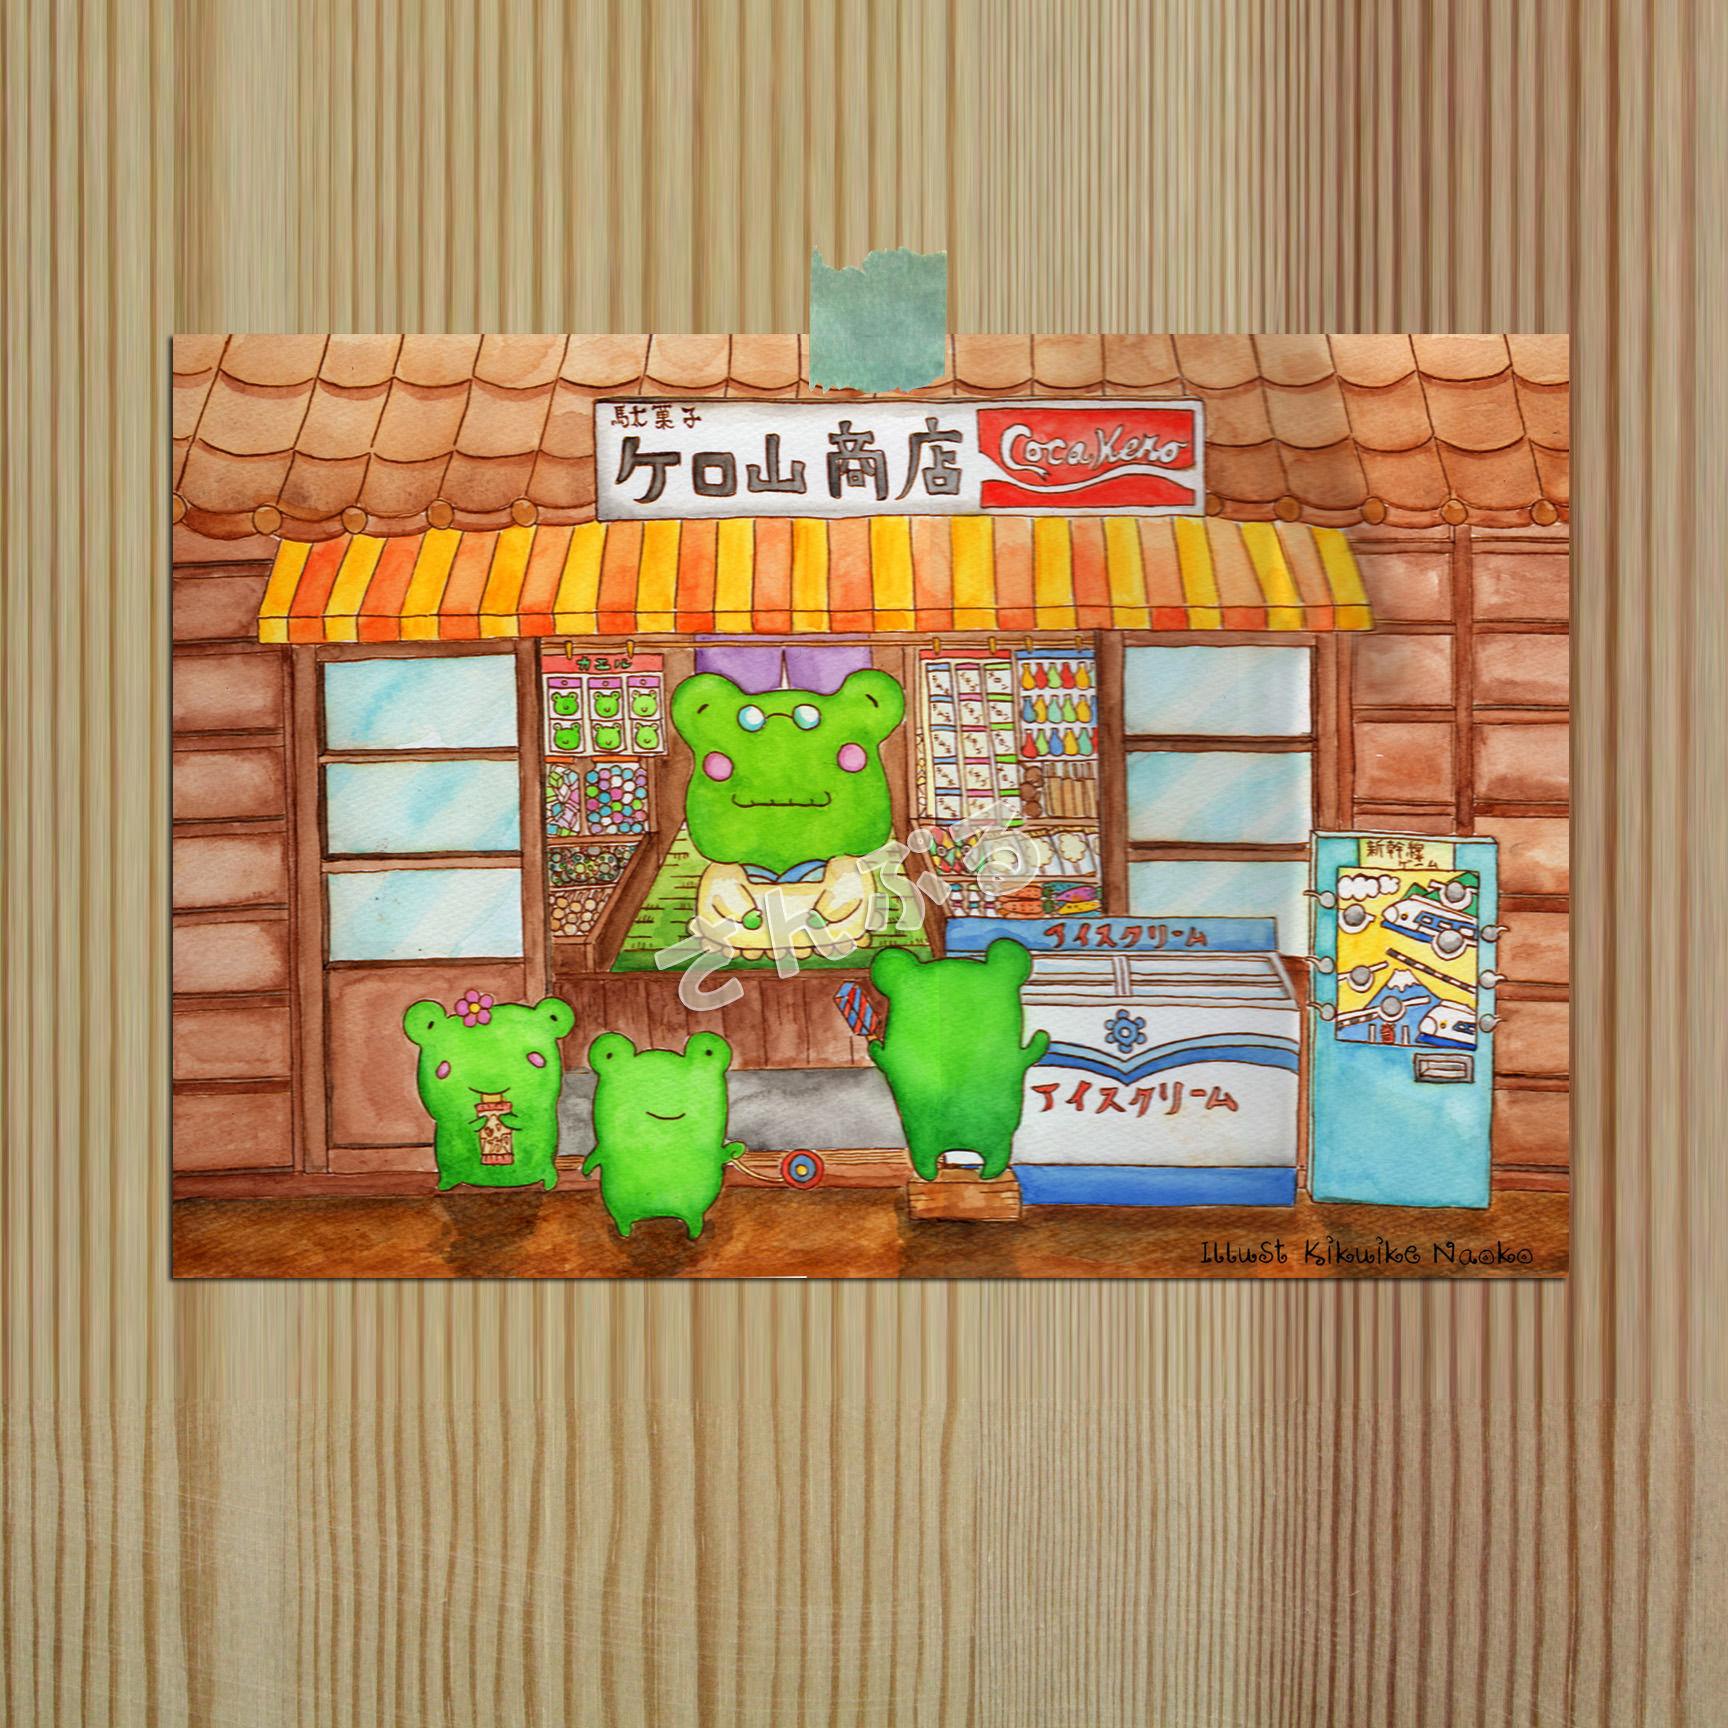 ポストカード かえるの親子シリーズ 「駄菓子屋」